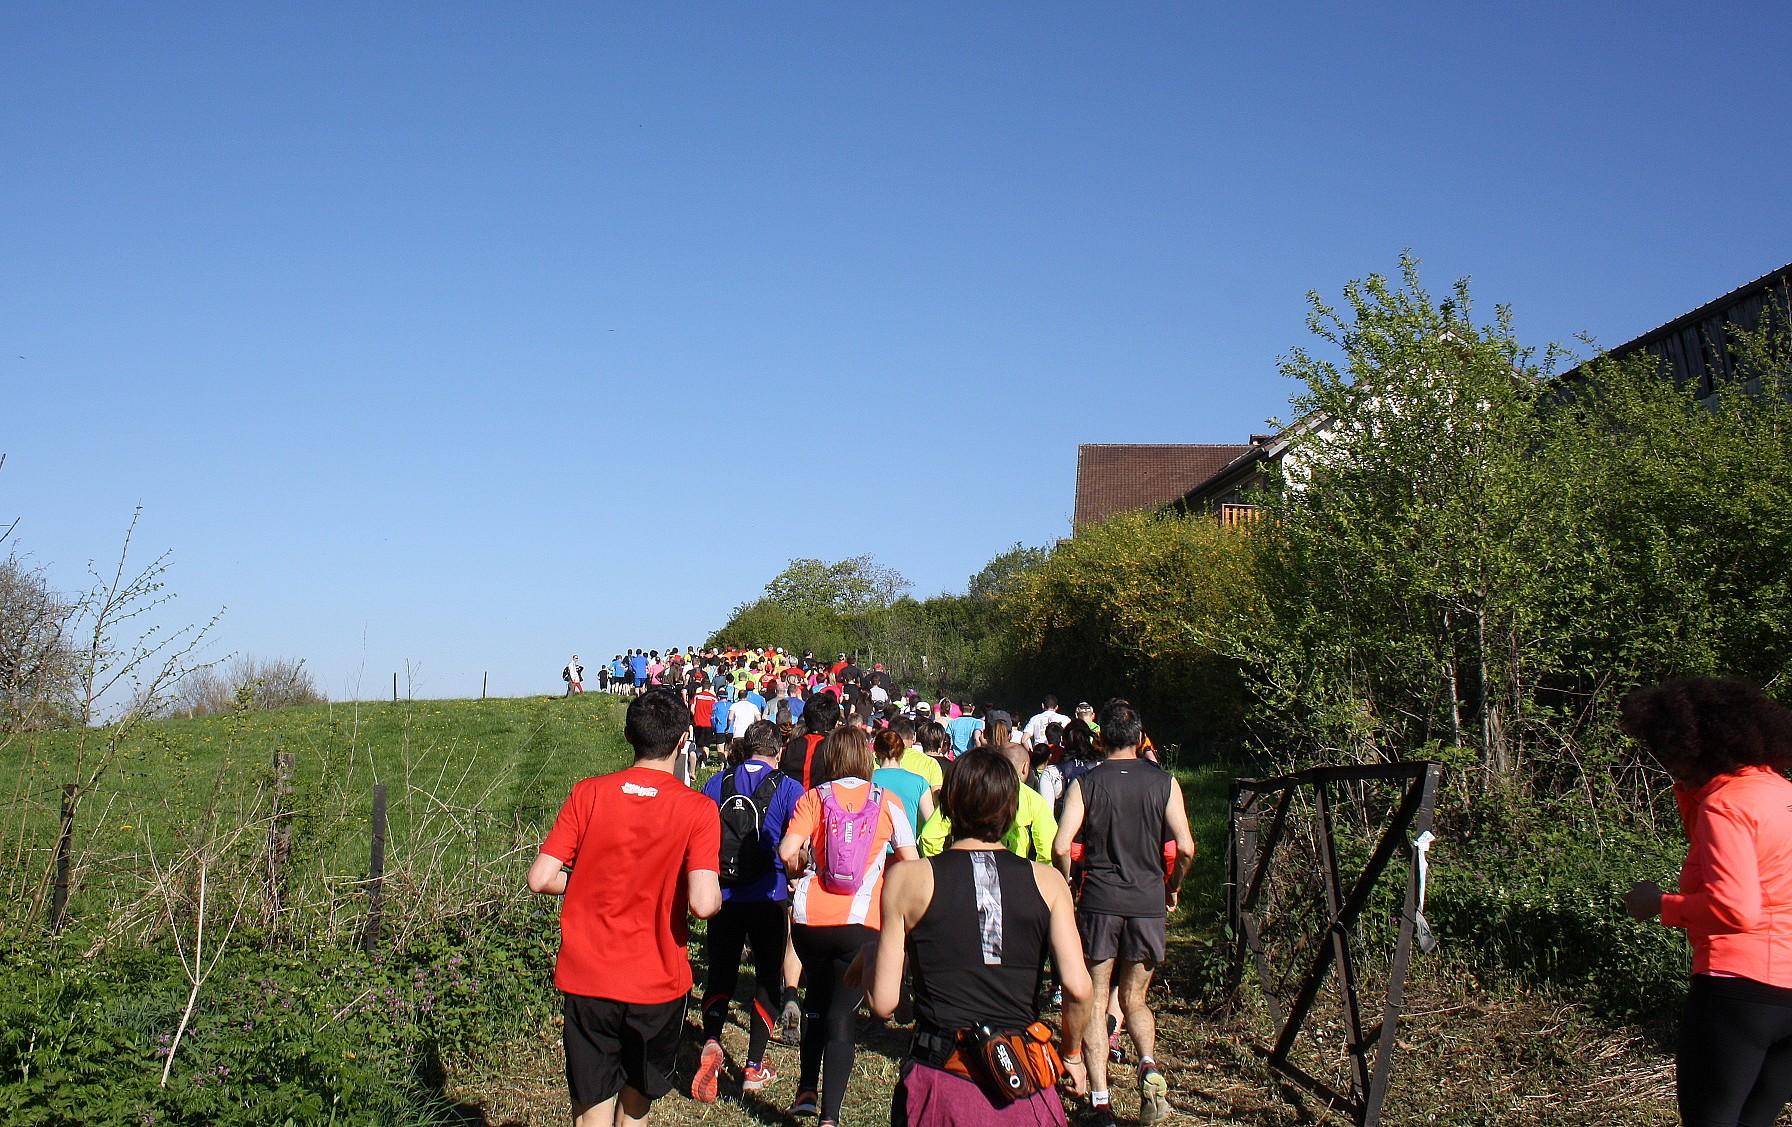 2017-04-09 - Trail-Montfaucon-Juliette (50)